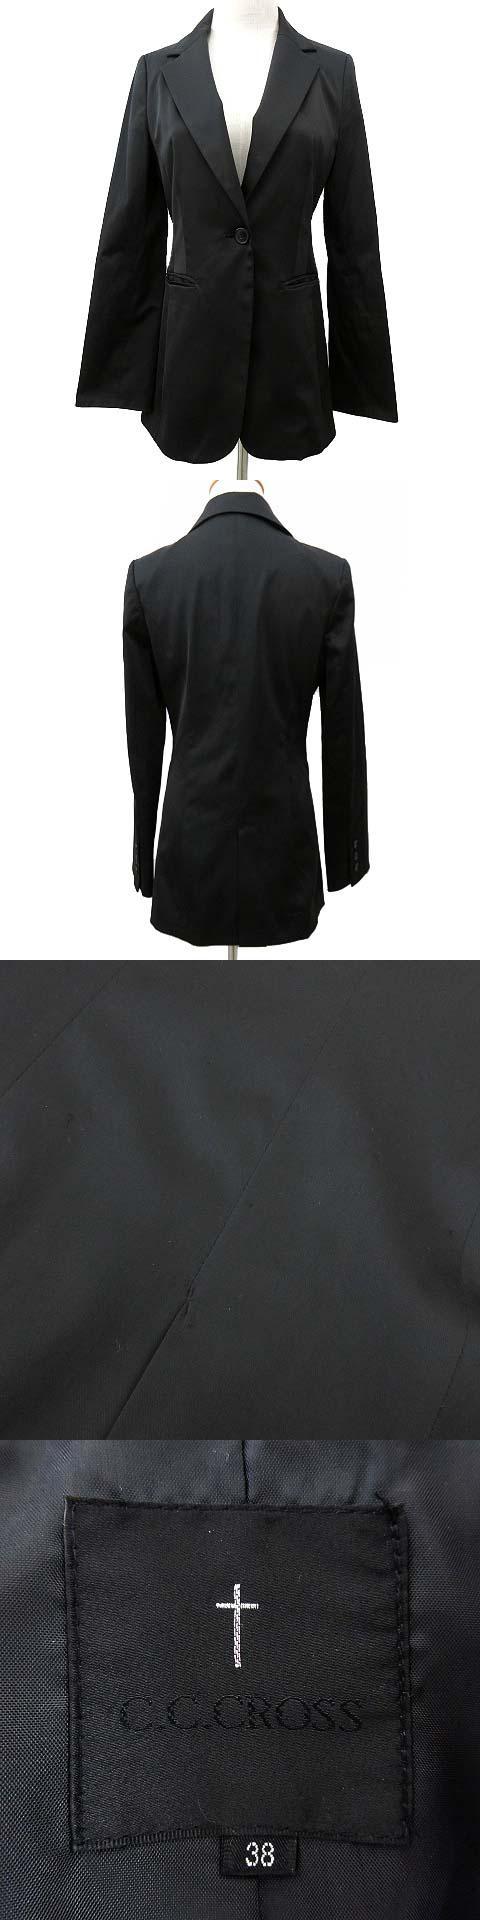 シャイニーサテンインフィニティジャケット テーラード ワンボタン 38 黒 ブラック R042407